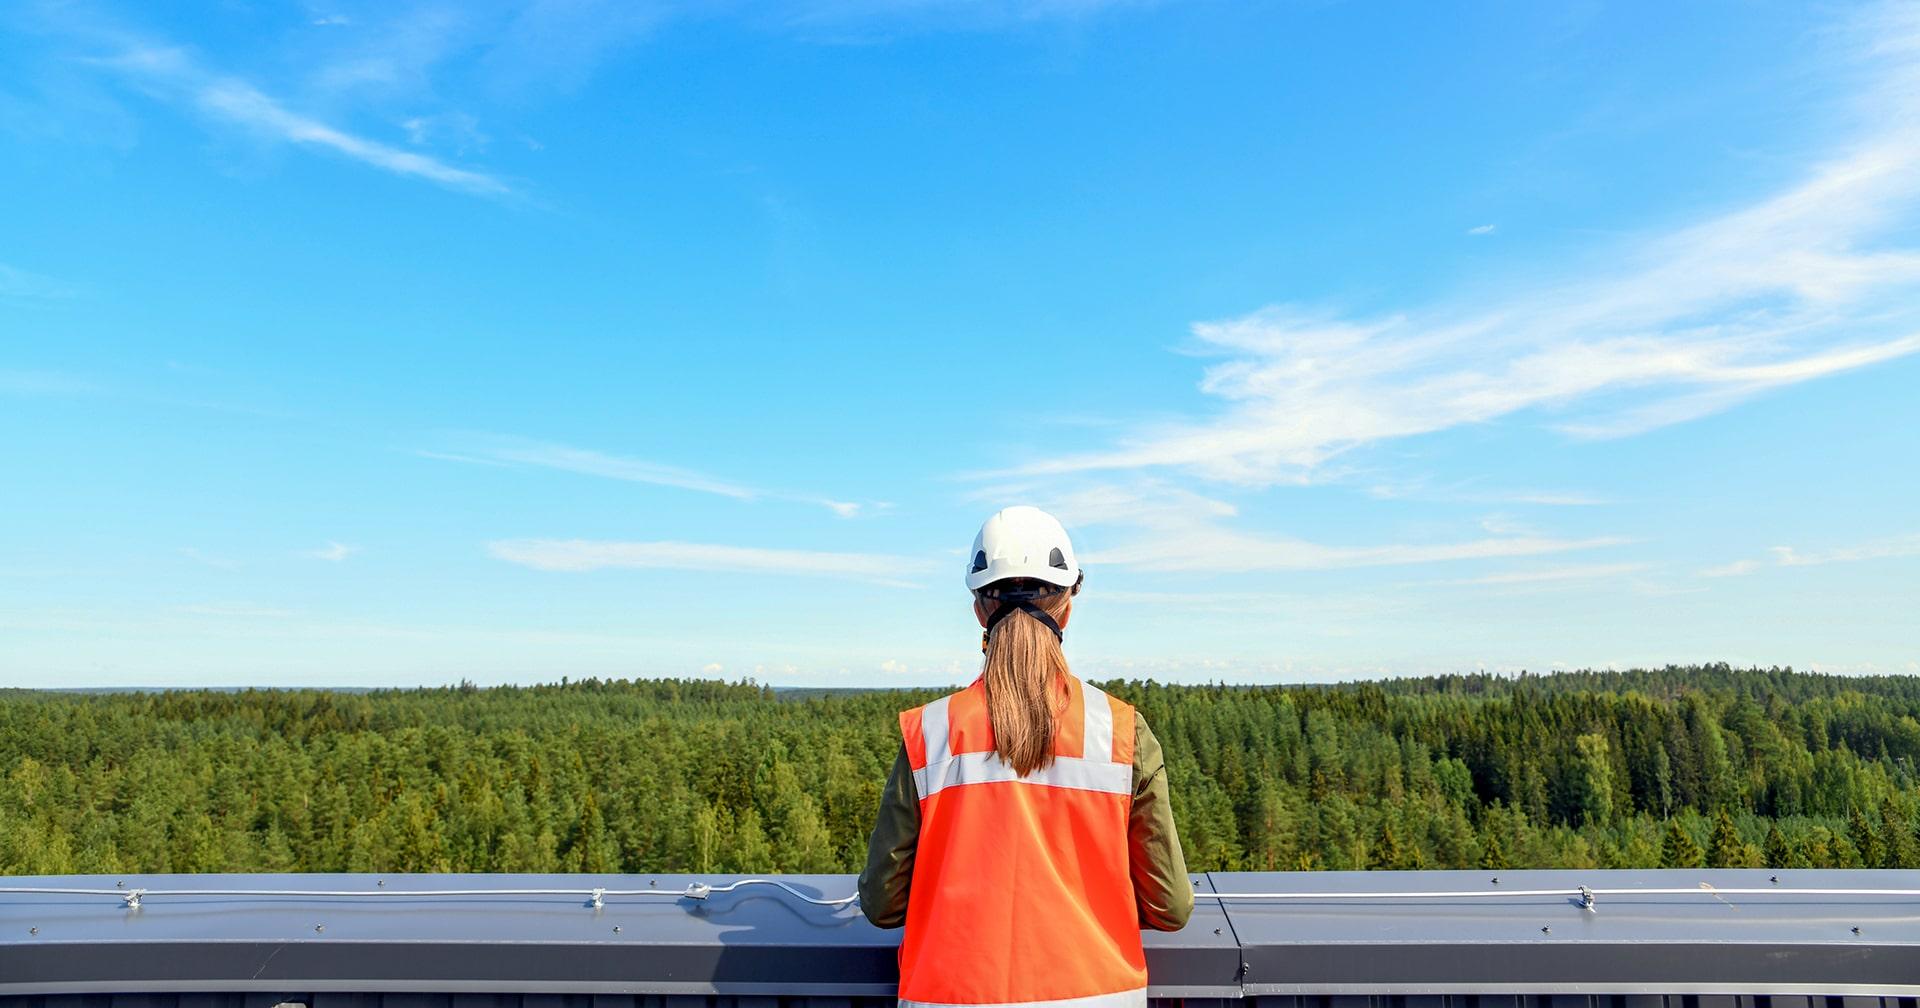 Ekovoimalaitoksen yhteyteen suunnitellaan hiilidioksidin talteenottoa ja metanointia polttoaineeksi.